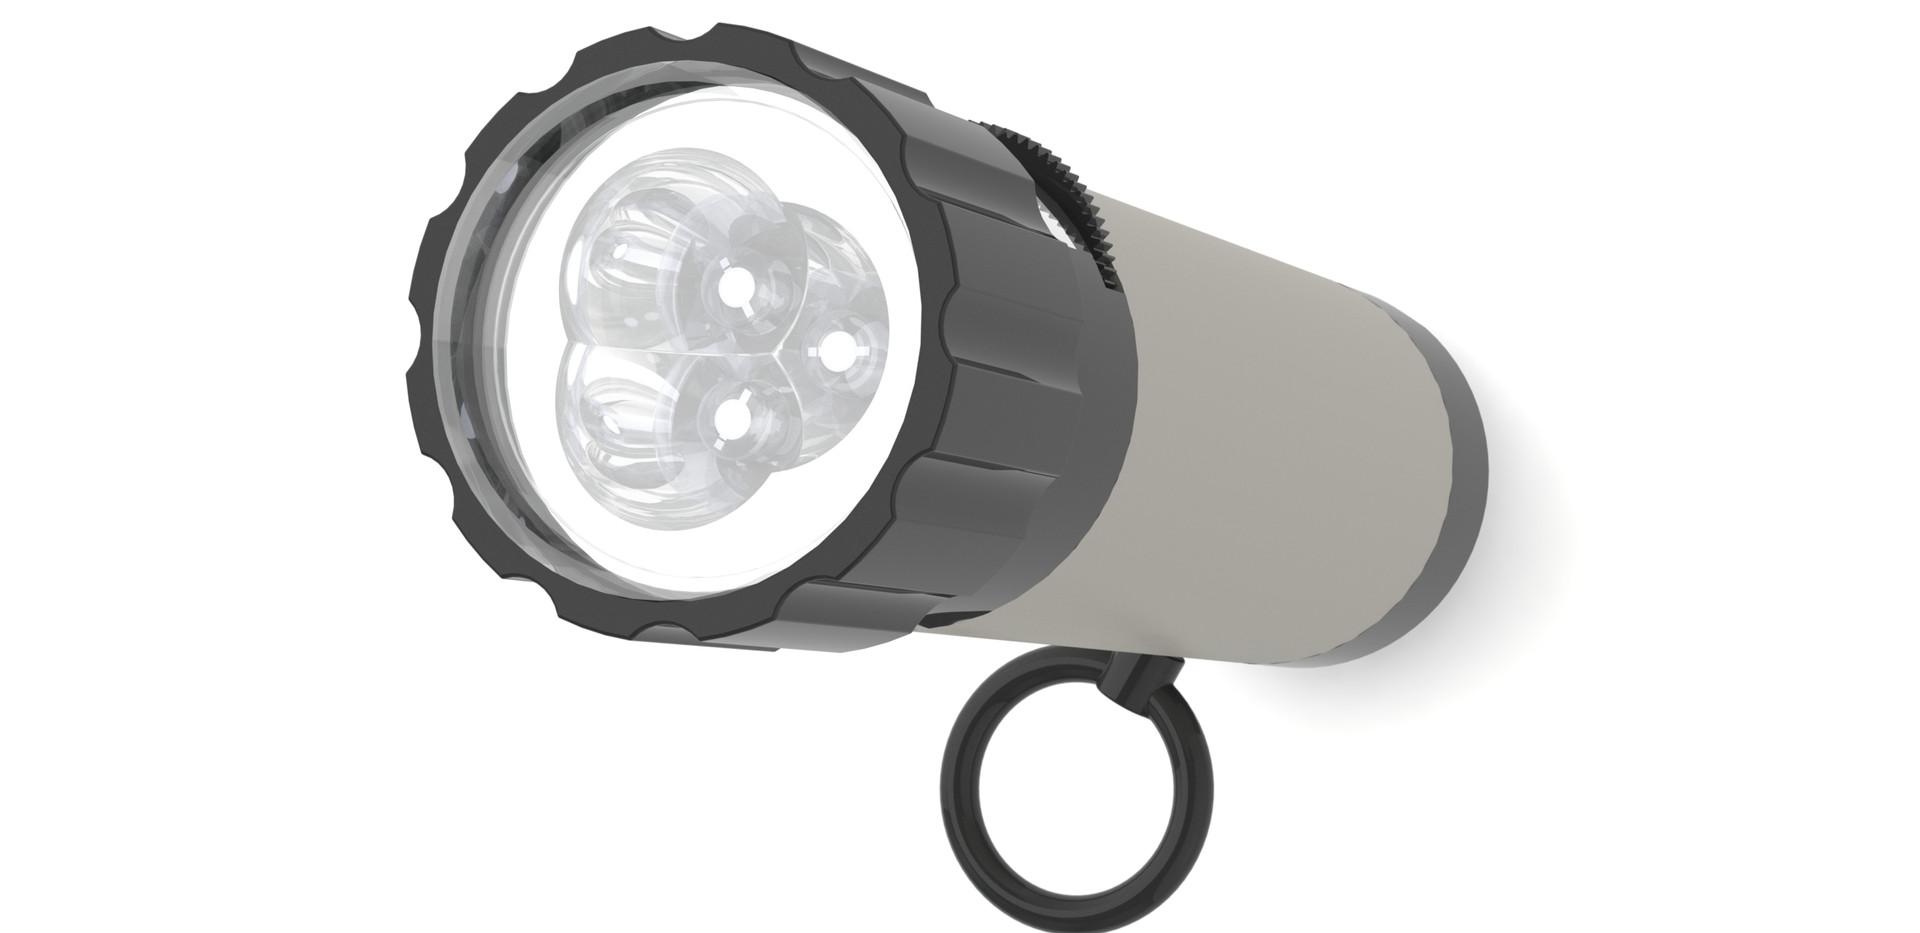 Hand Torch Render 003.JPG